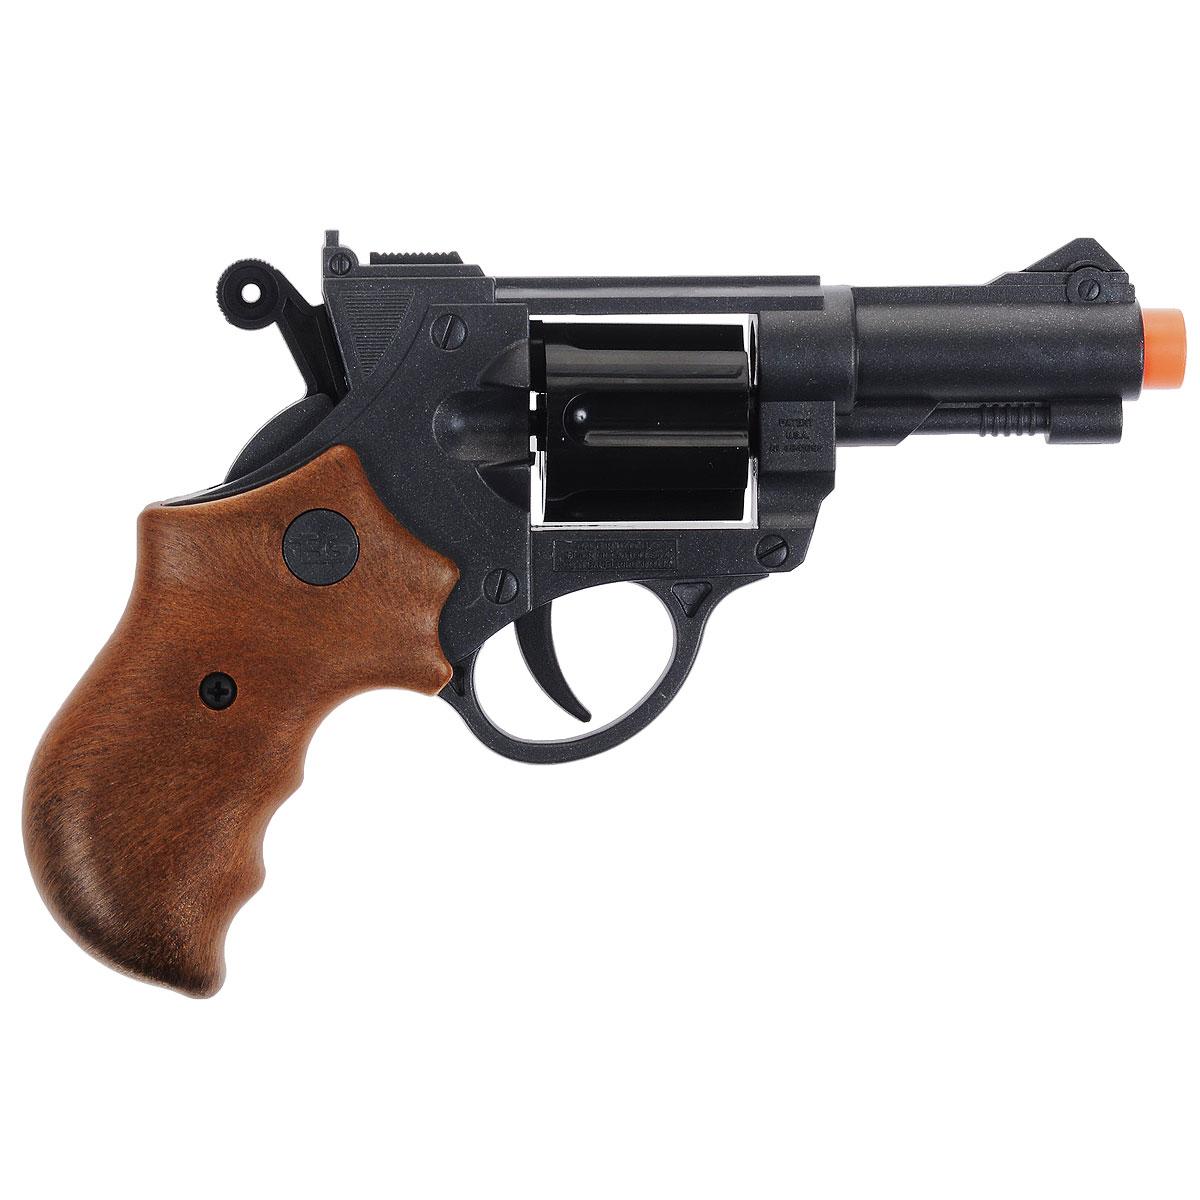 Пистолет Jeff Watson0459/26Пистолет Jeff Watson - Стильный игрушечный 6-зарядный пистолет, мечта любого мальчишки! Пистолет выполнен из пластика. Емкость магазина - 6 пулек. В комплект с пистолетом входят 10 пулек Итальянская компания Edison Giocattoli производит лучшие детские пистолеты и мишени для активных игр для мальчиков.